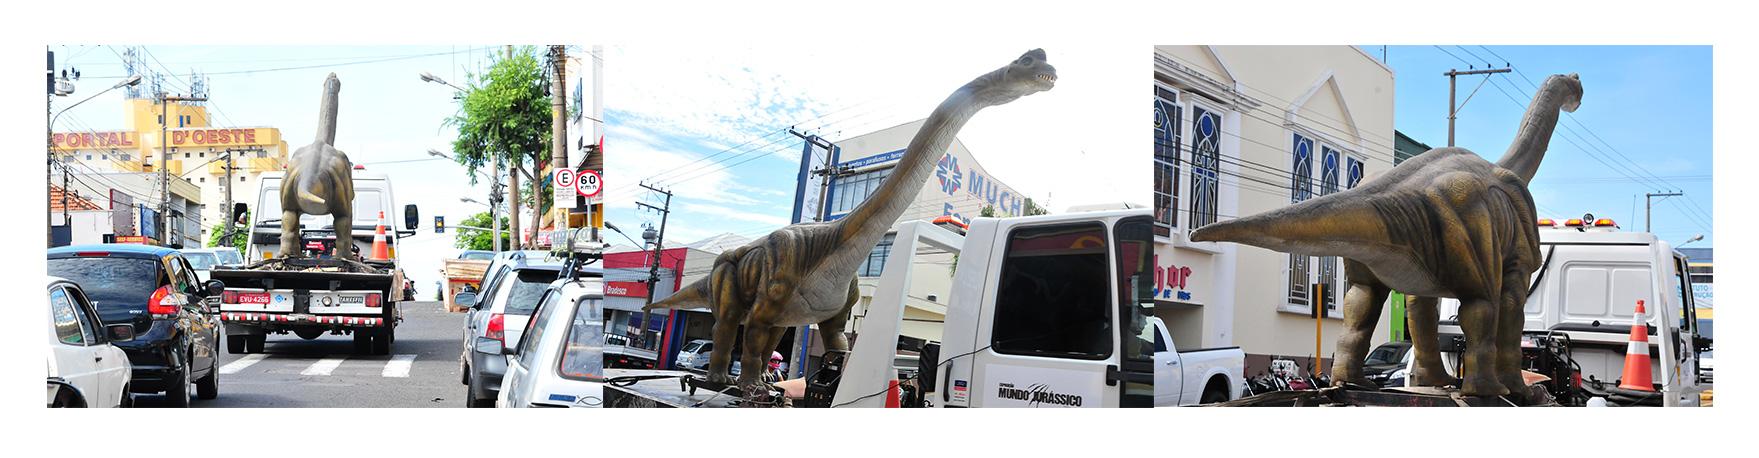 Evento-Dinossauro-Prudenshopping---Audi-Comunicacao---Fotos-2